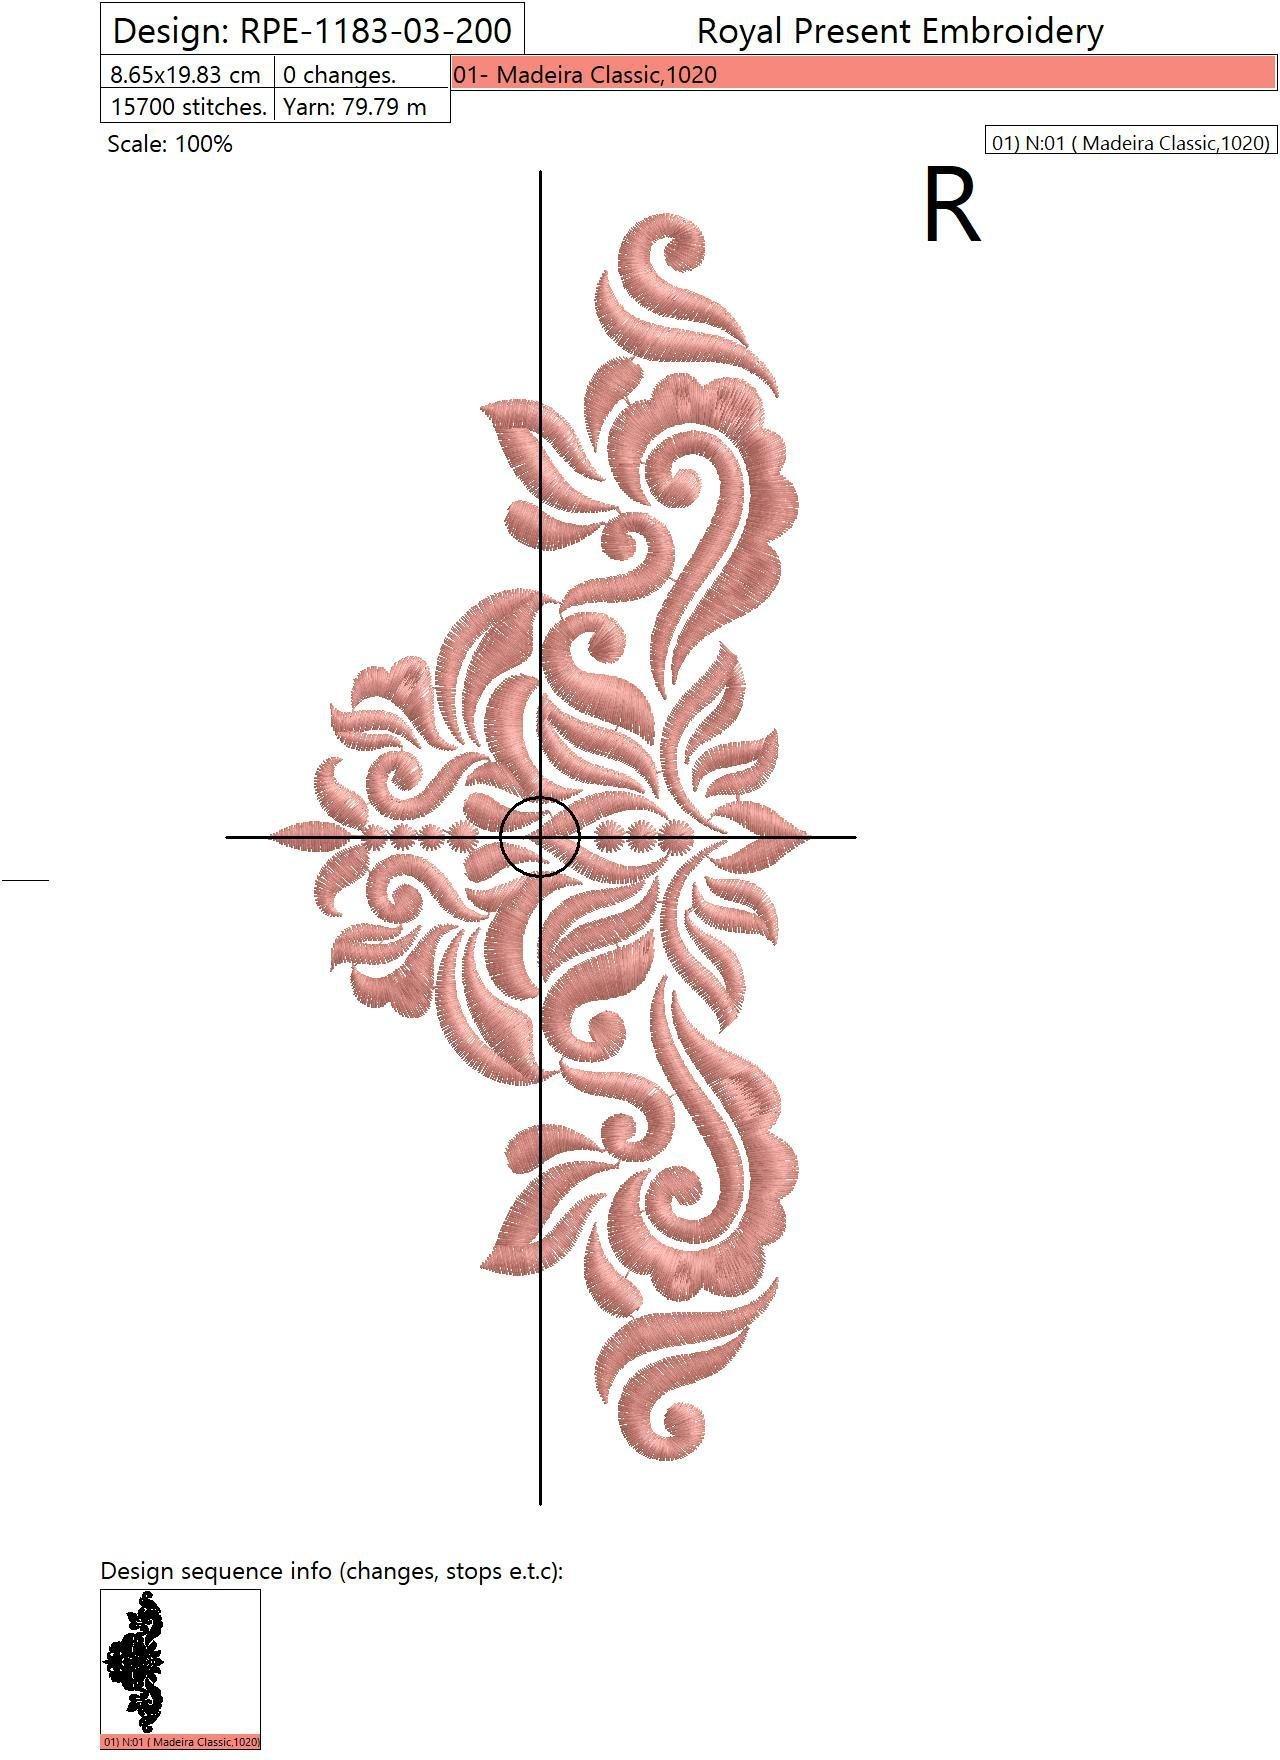 Дизайн машинной вышивки Абстрактный Элегантный декор III - 3 размера